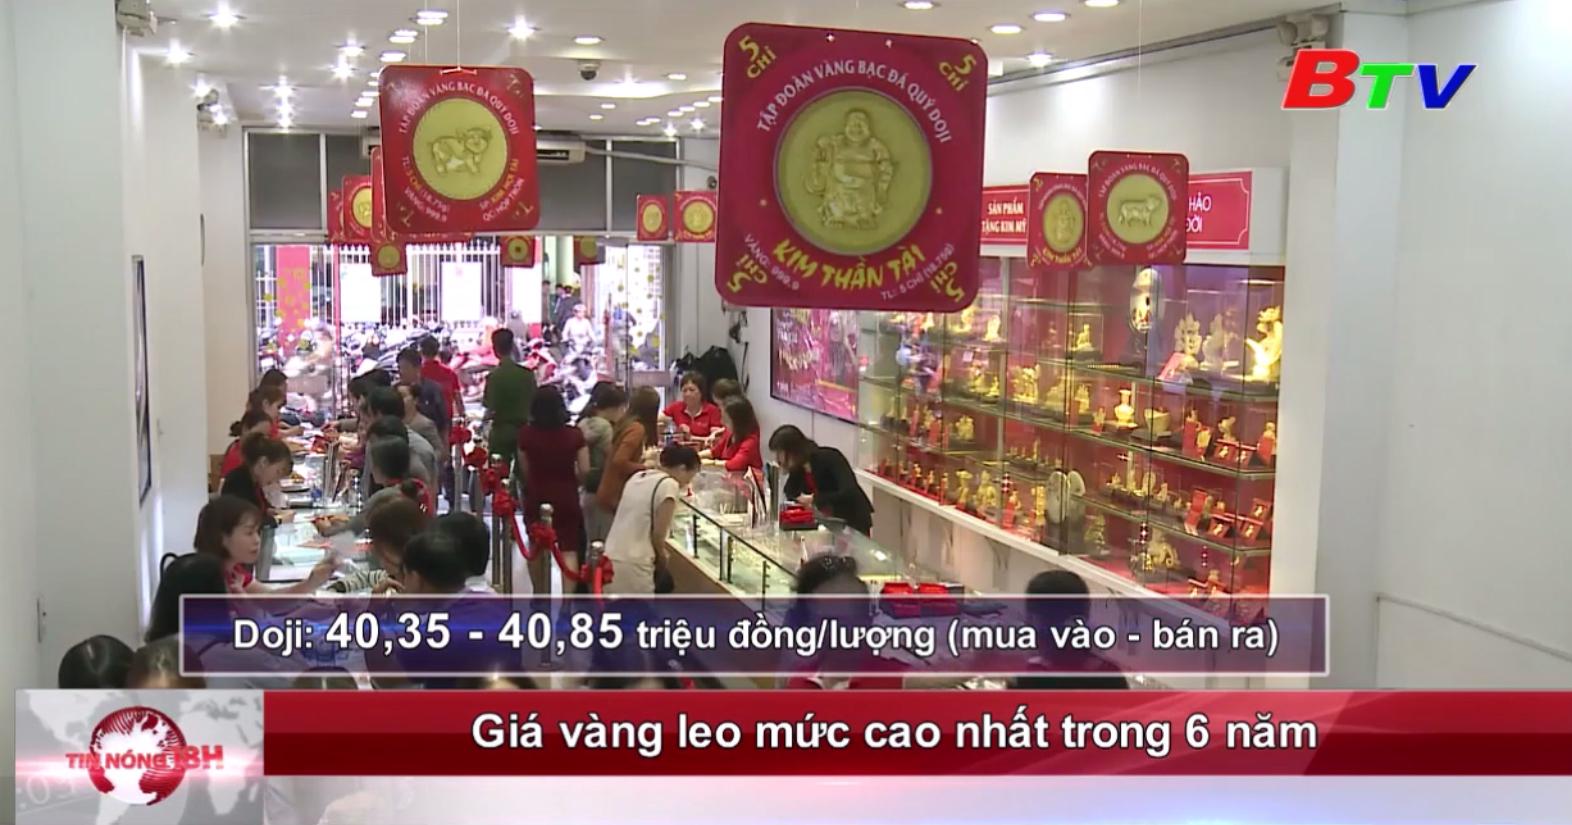 Giá vàng leo mức cao nhất trong 6 năm